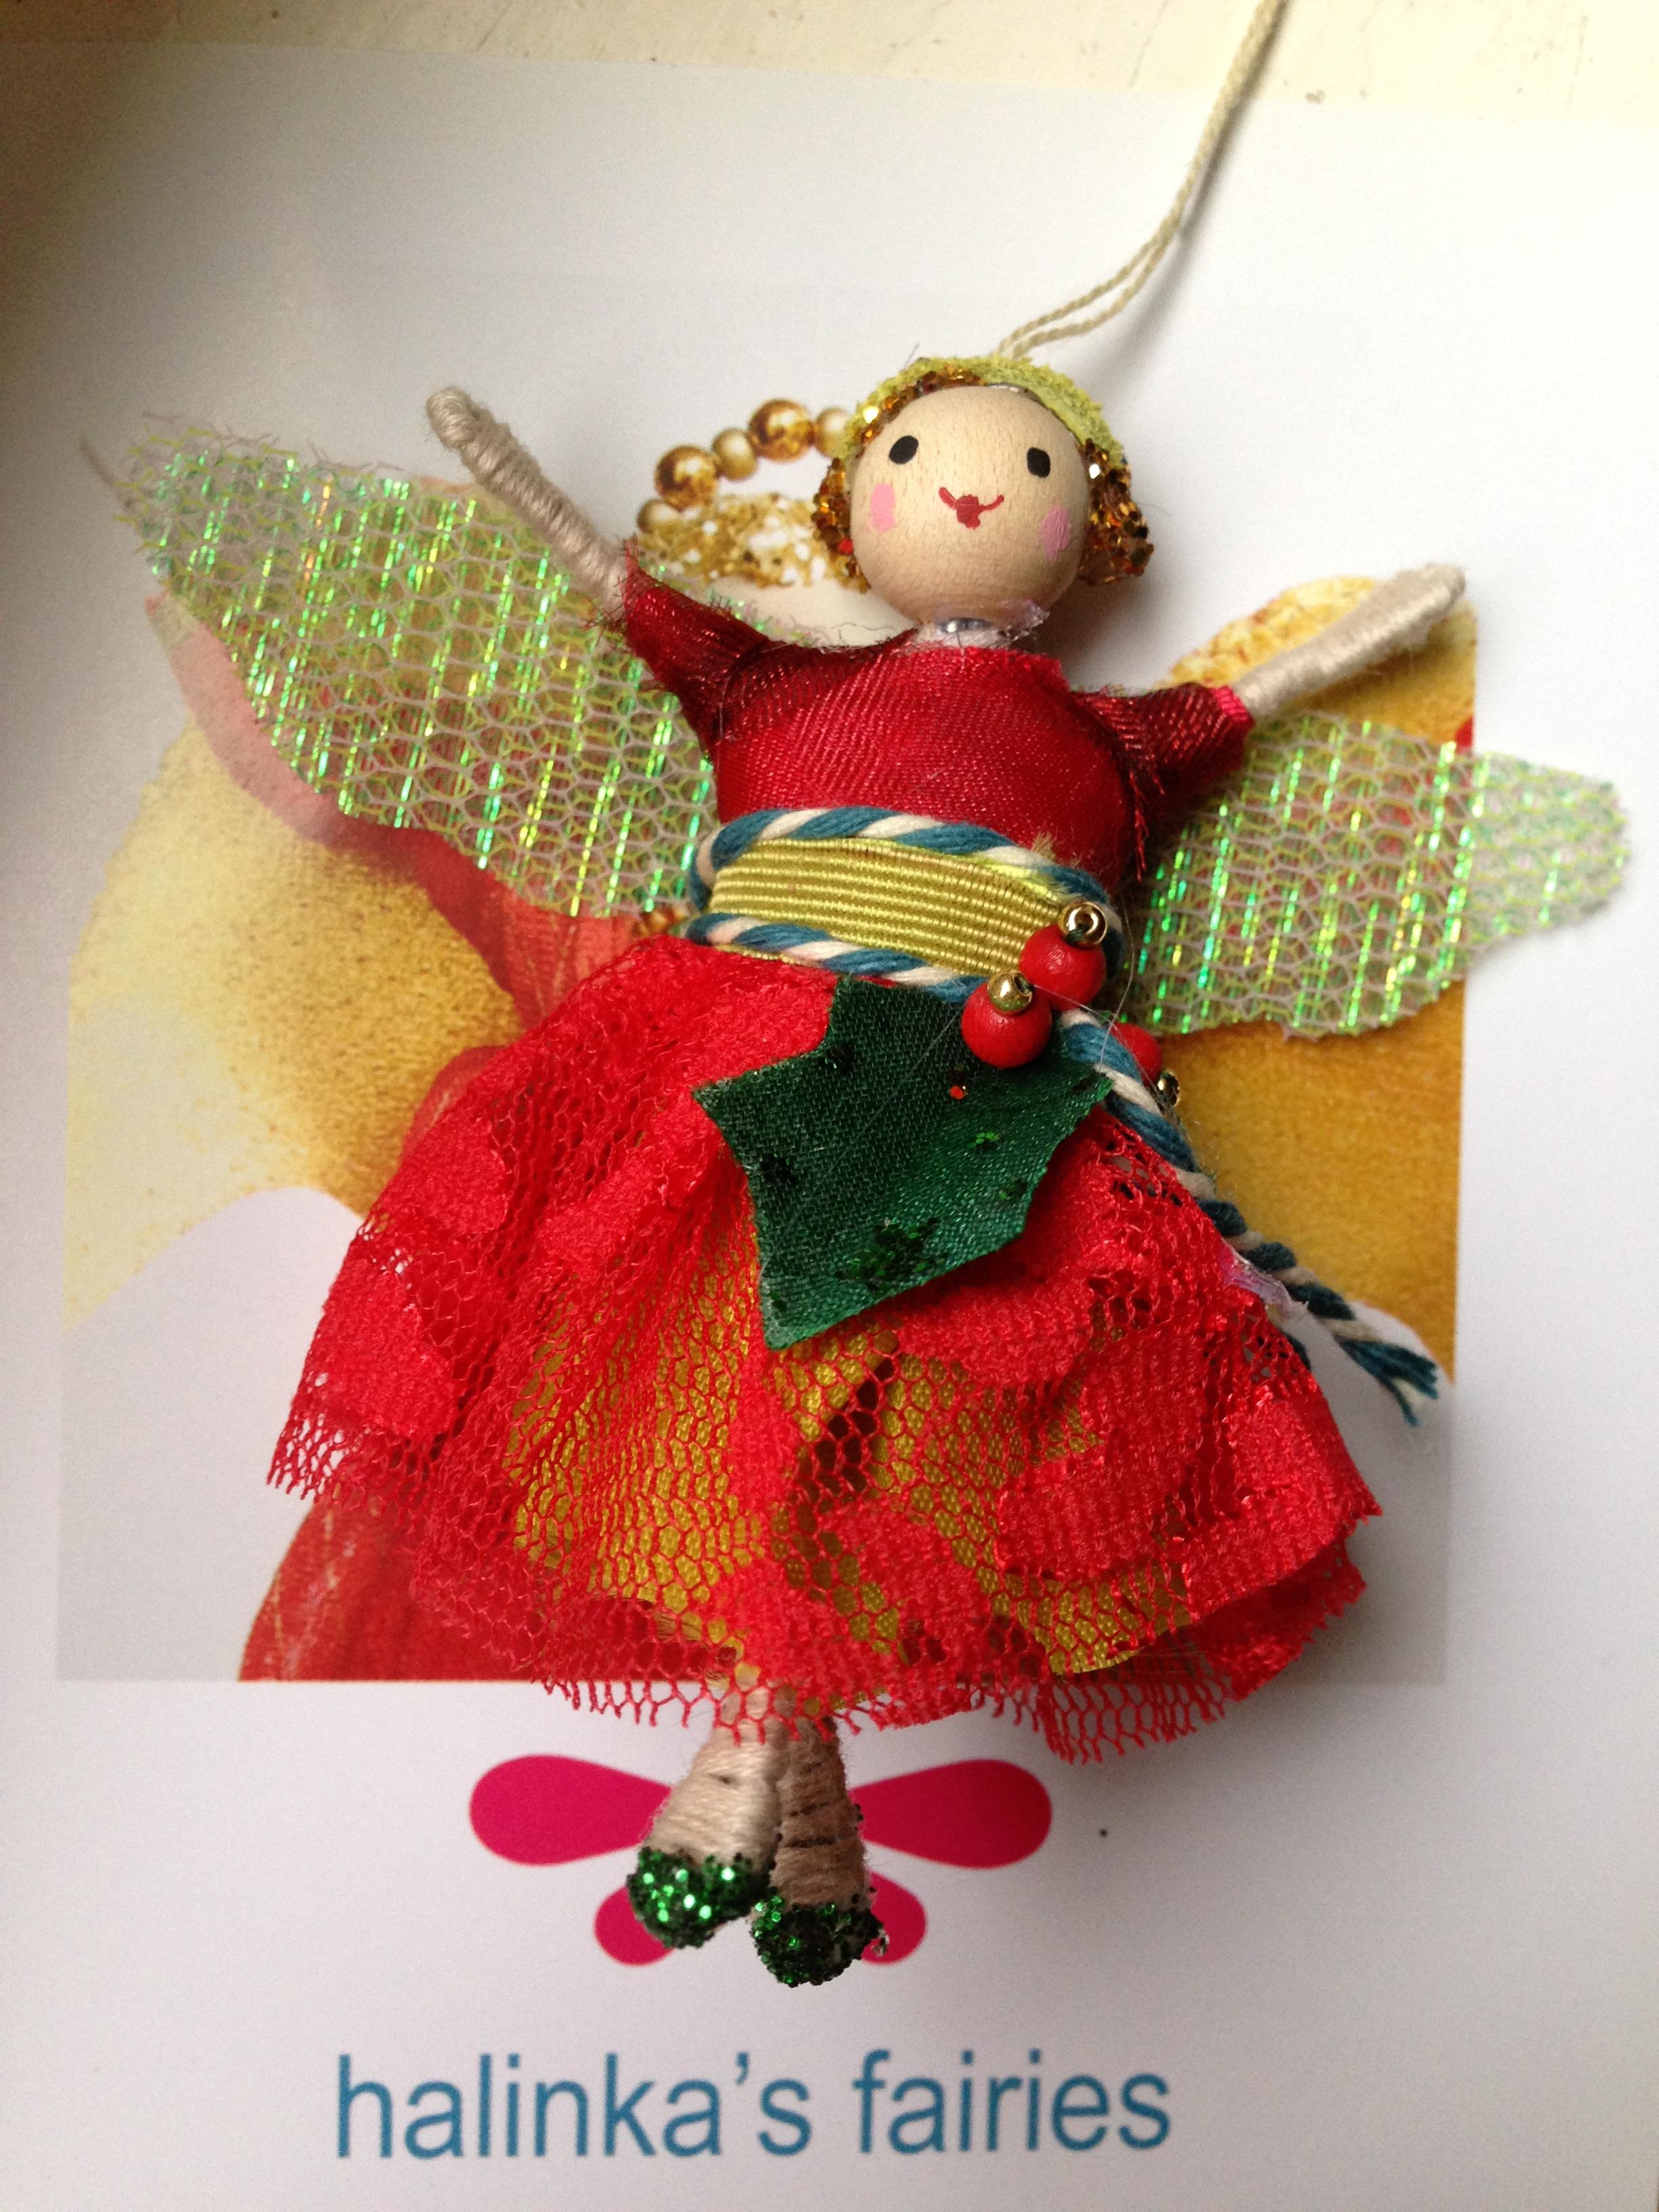 Malinka's fairy